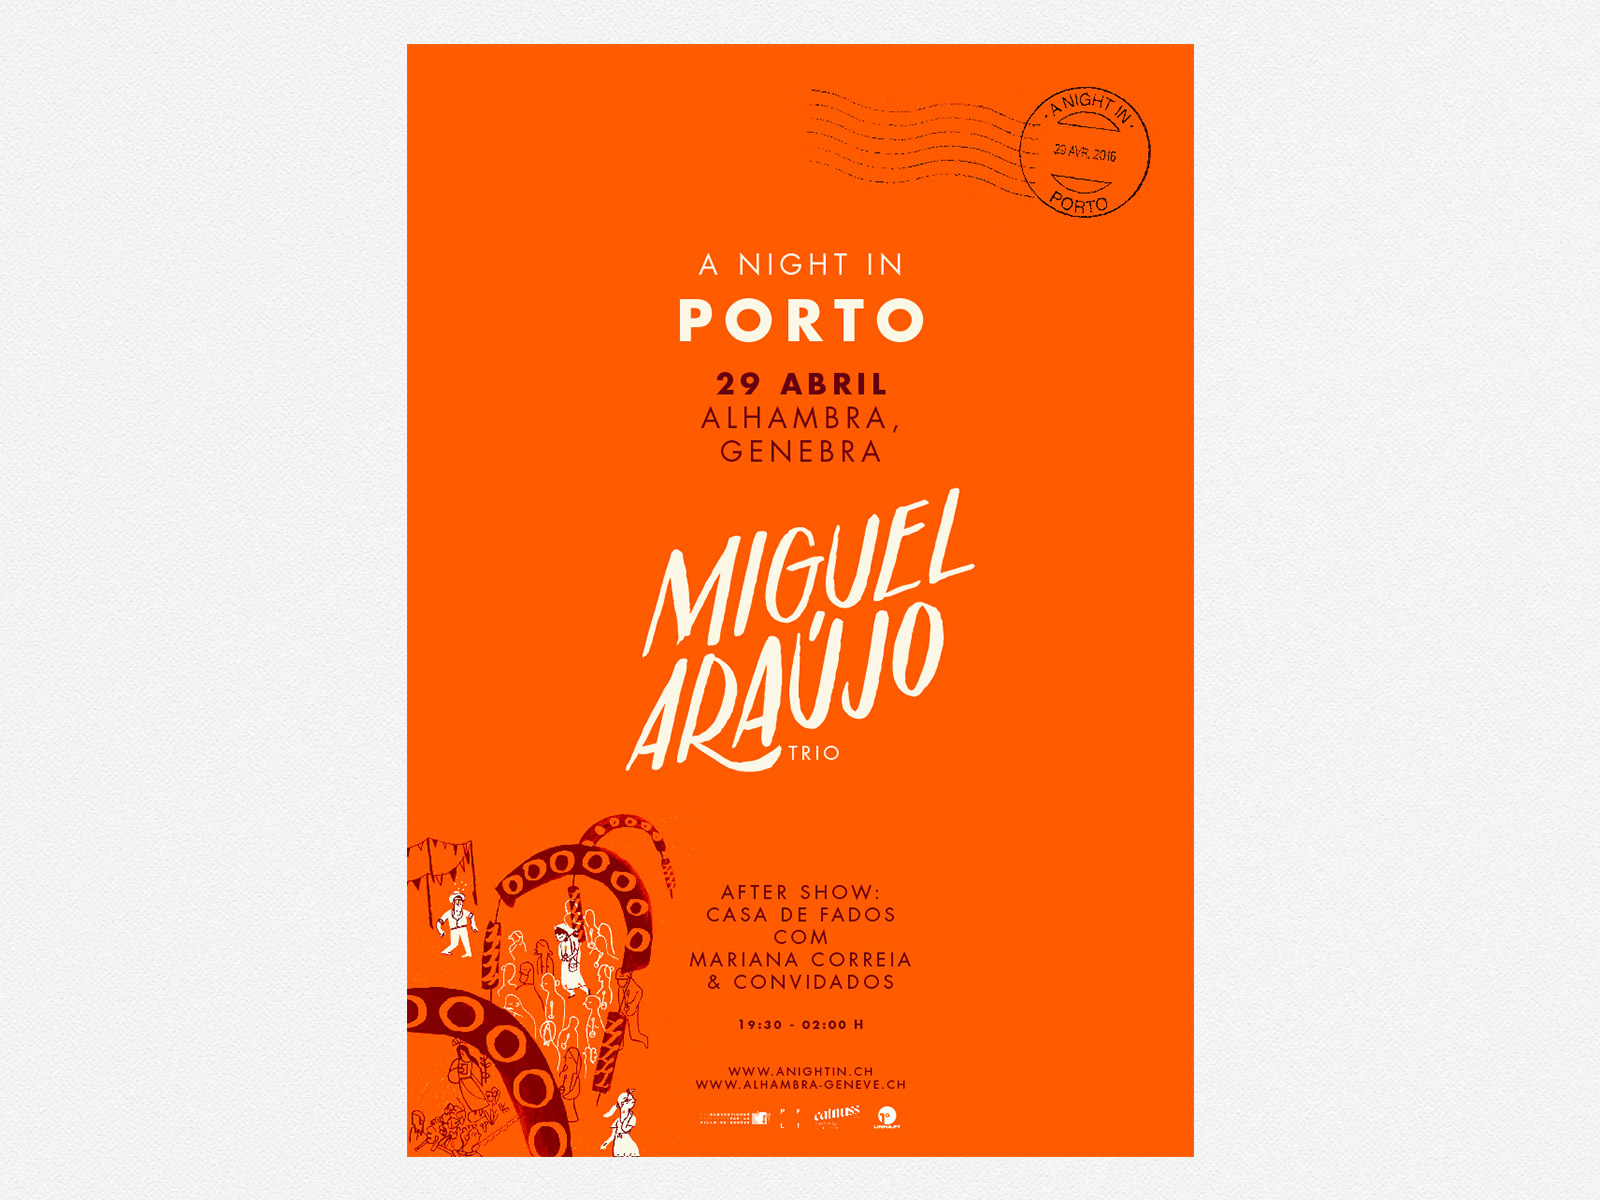 MIGUEL ARAÚJO  - 6